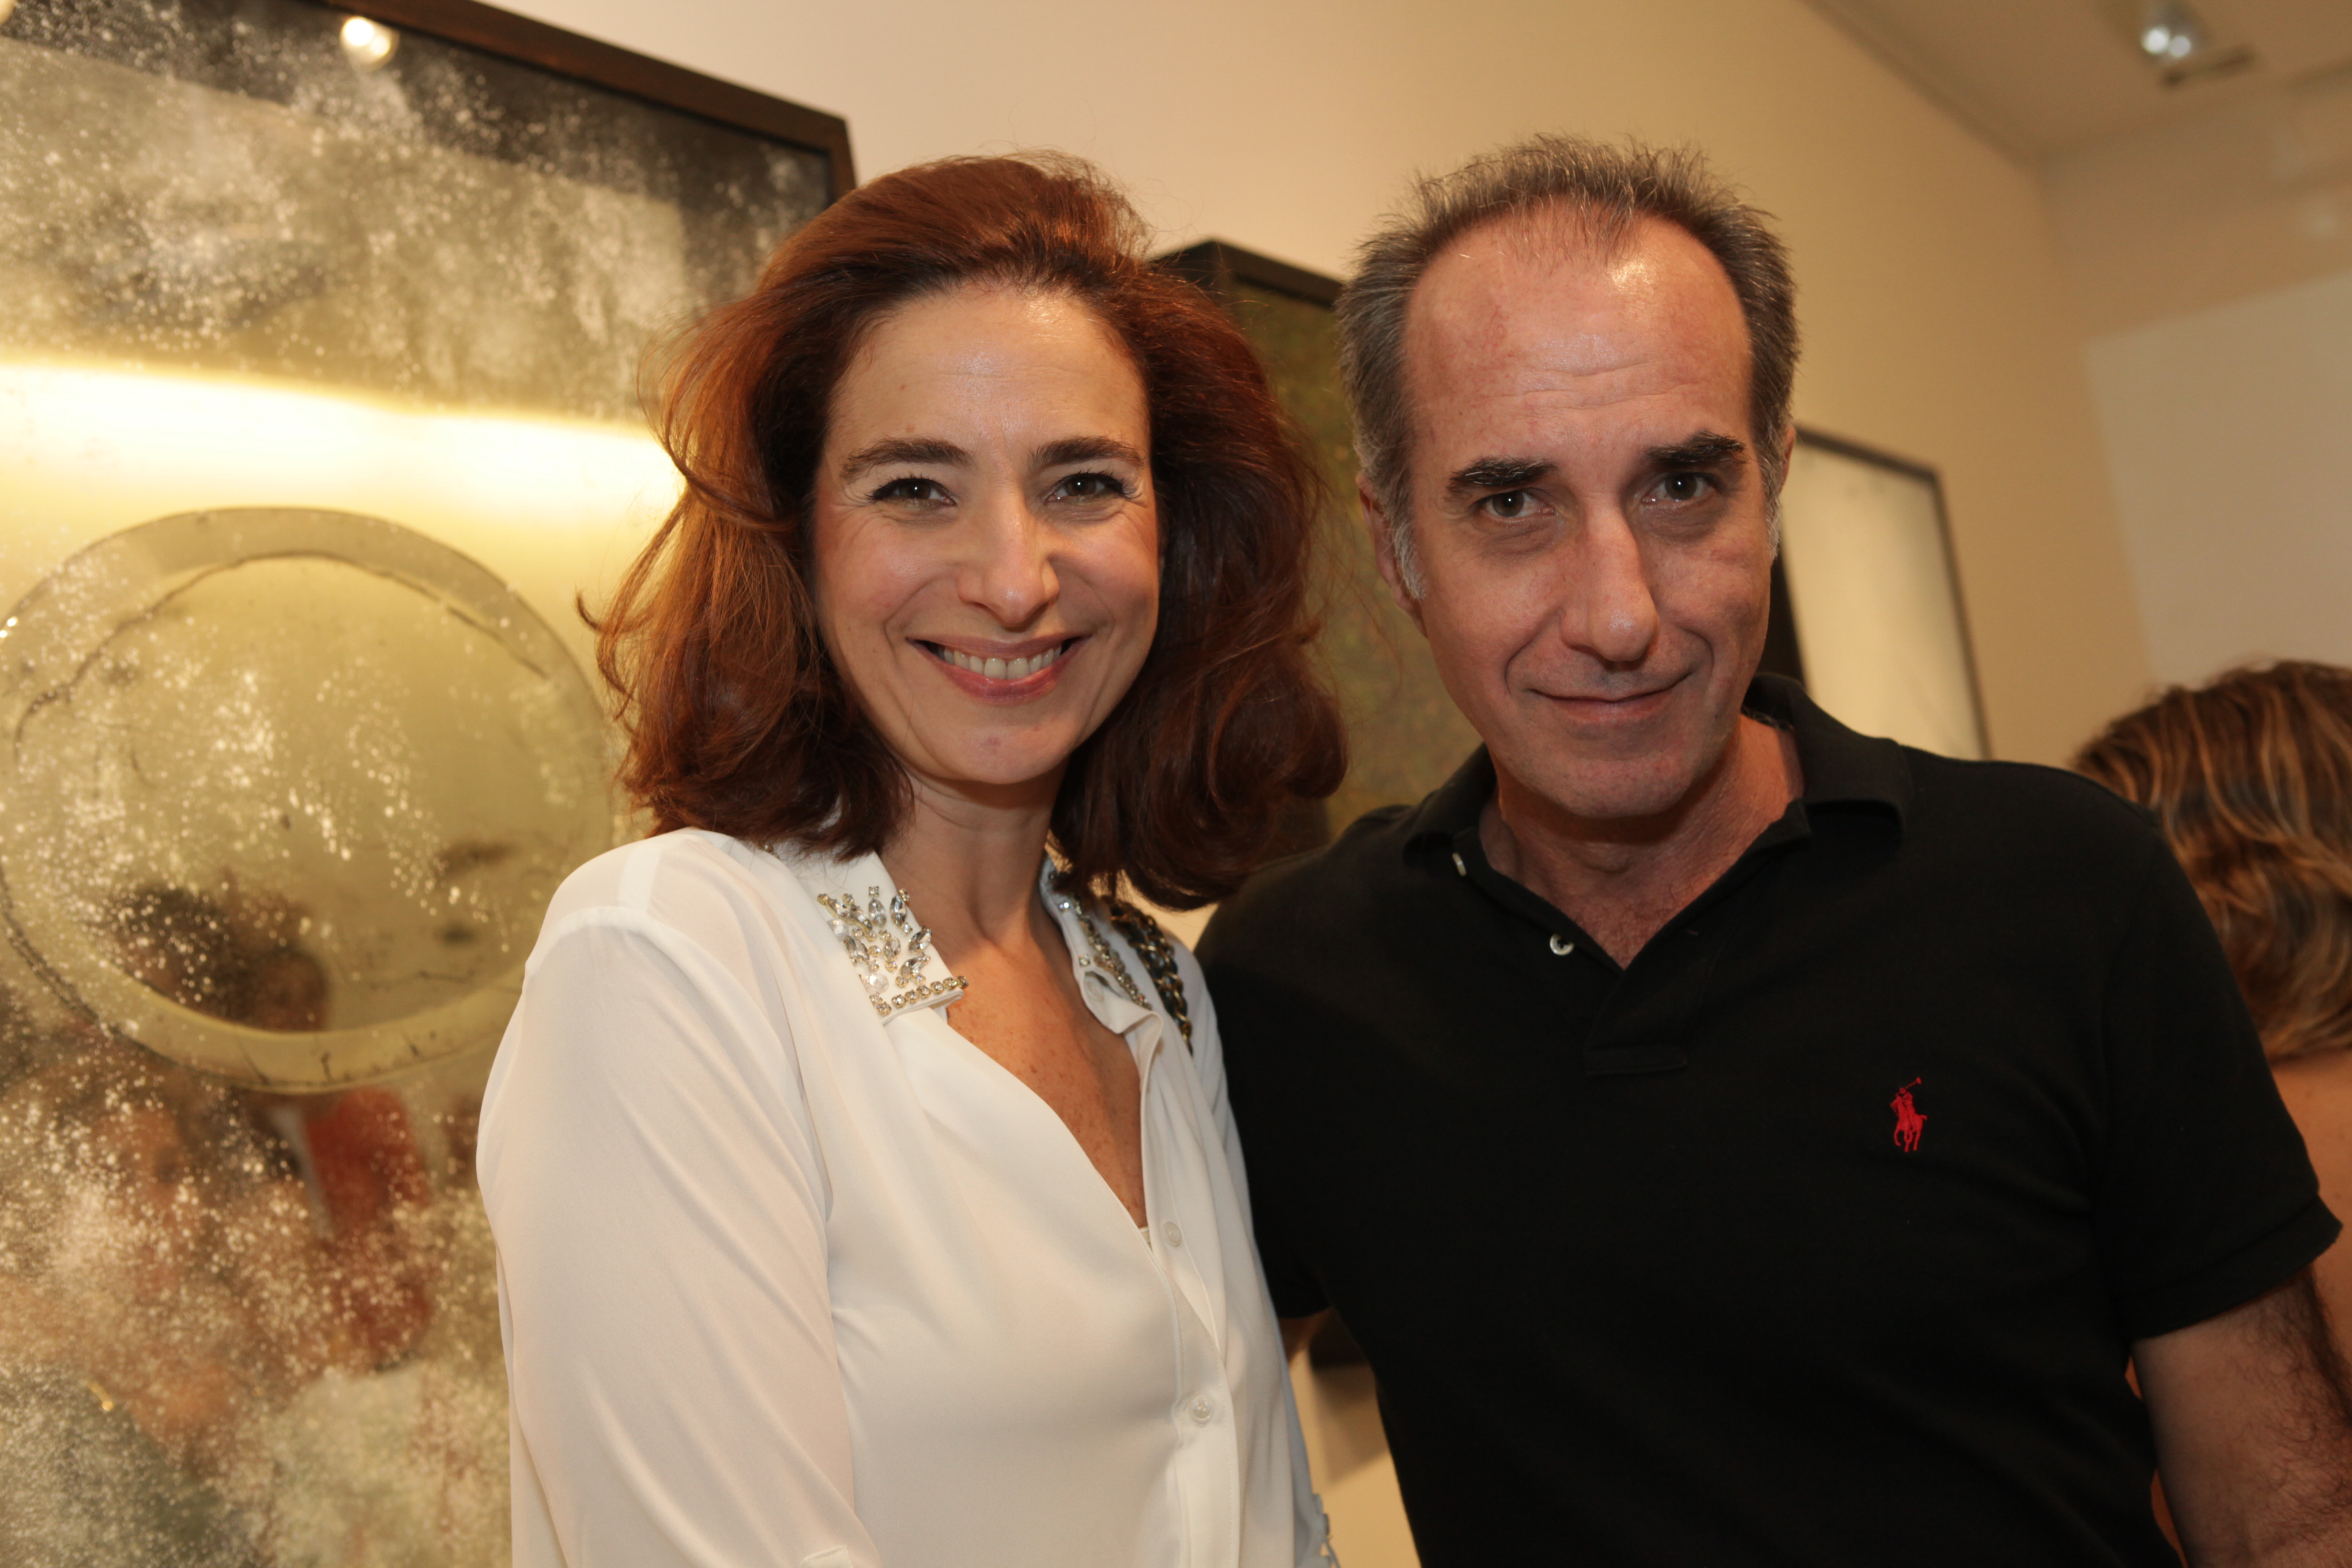 Expo Ricardo Becker 2012-Cisco Voce Nao Ve-Anna Protasio e Ricardo Becker que expos na Tramas